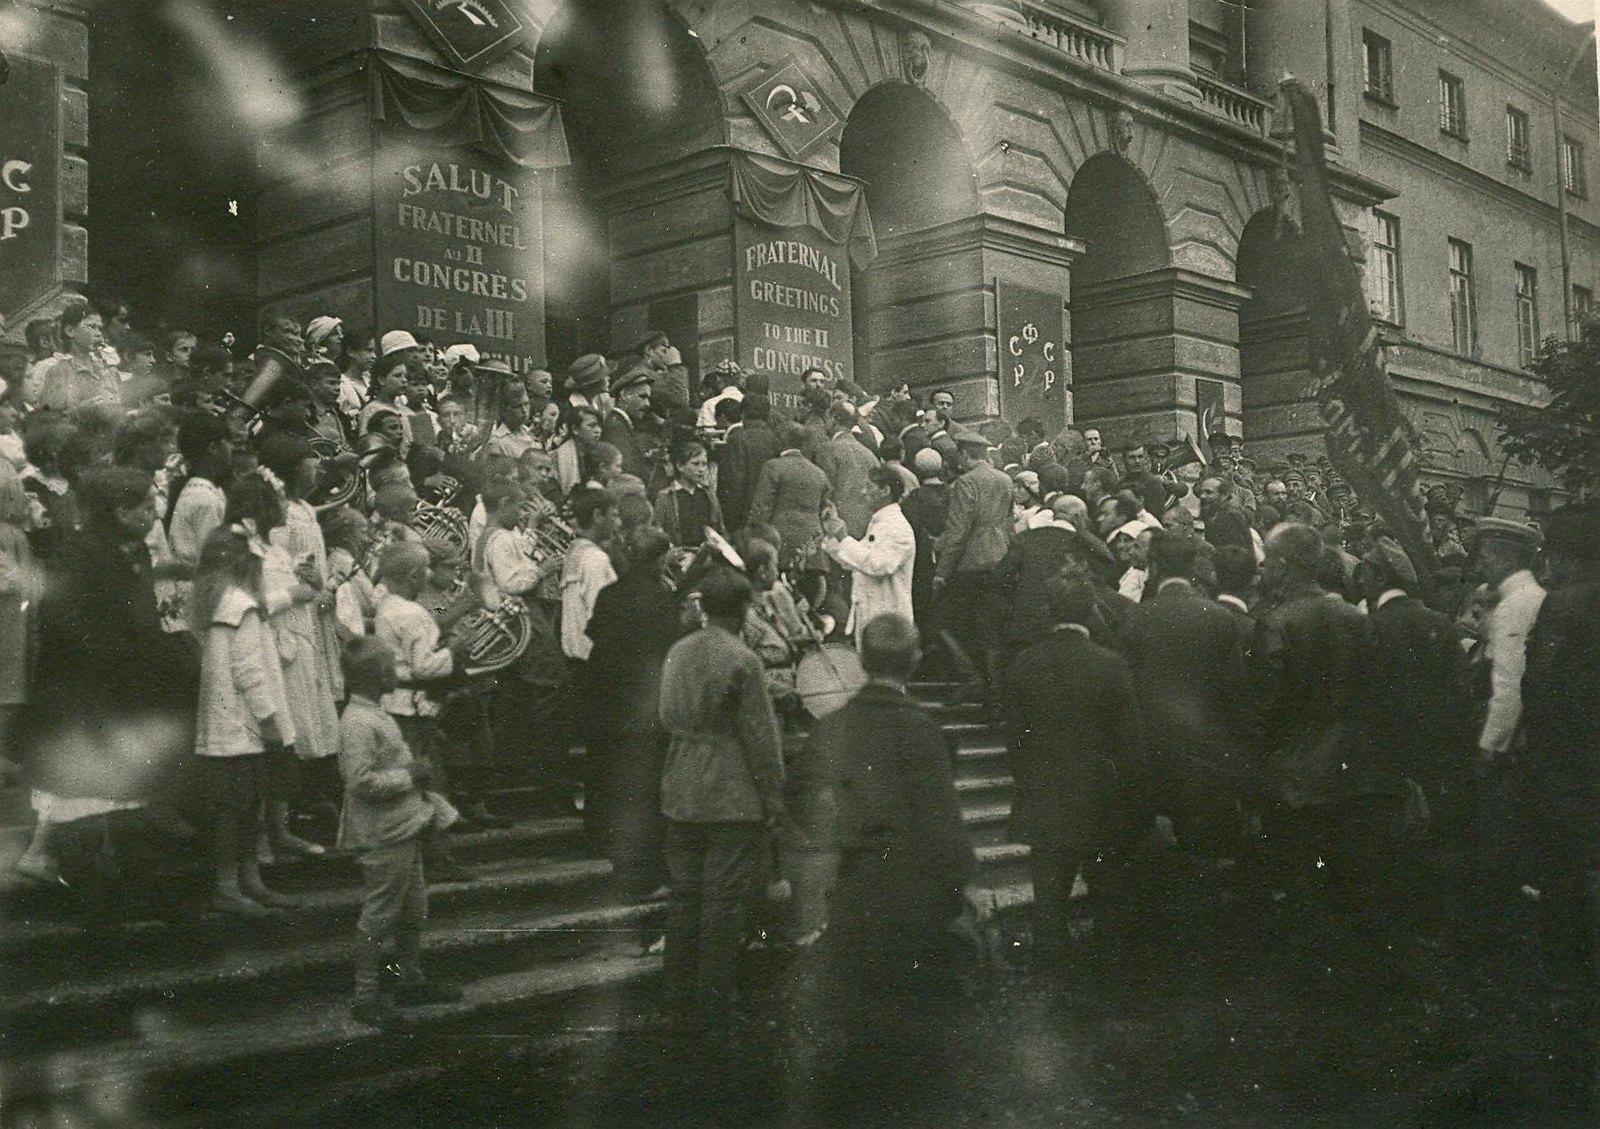 22. 1920. 19 июля.  Приезд делегатов II конгресса Коминтерна в Смольный в день торжественного открытия конгресса